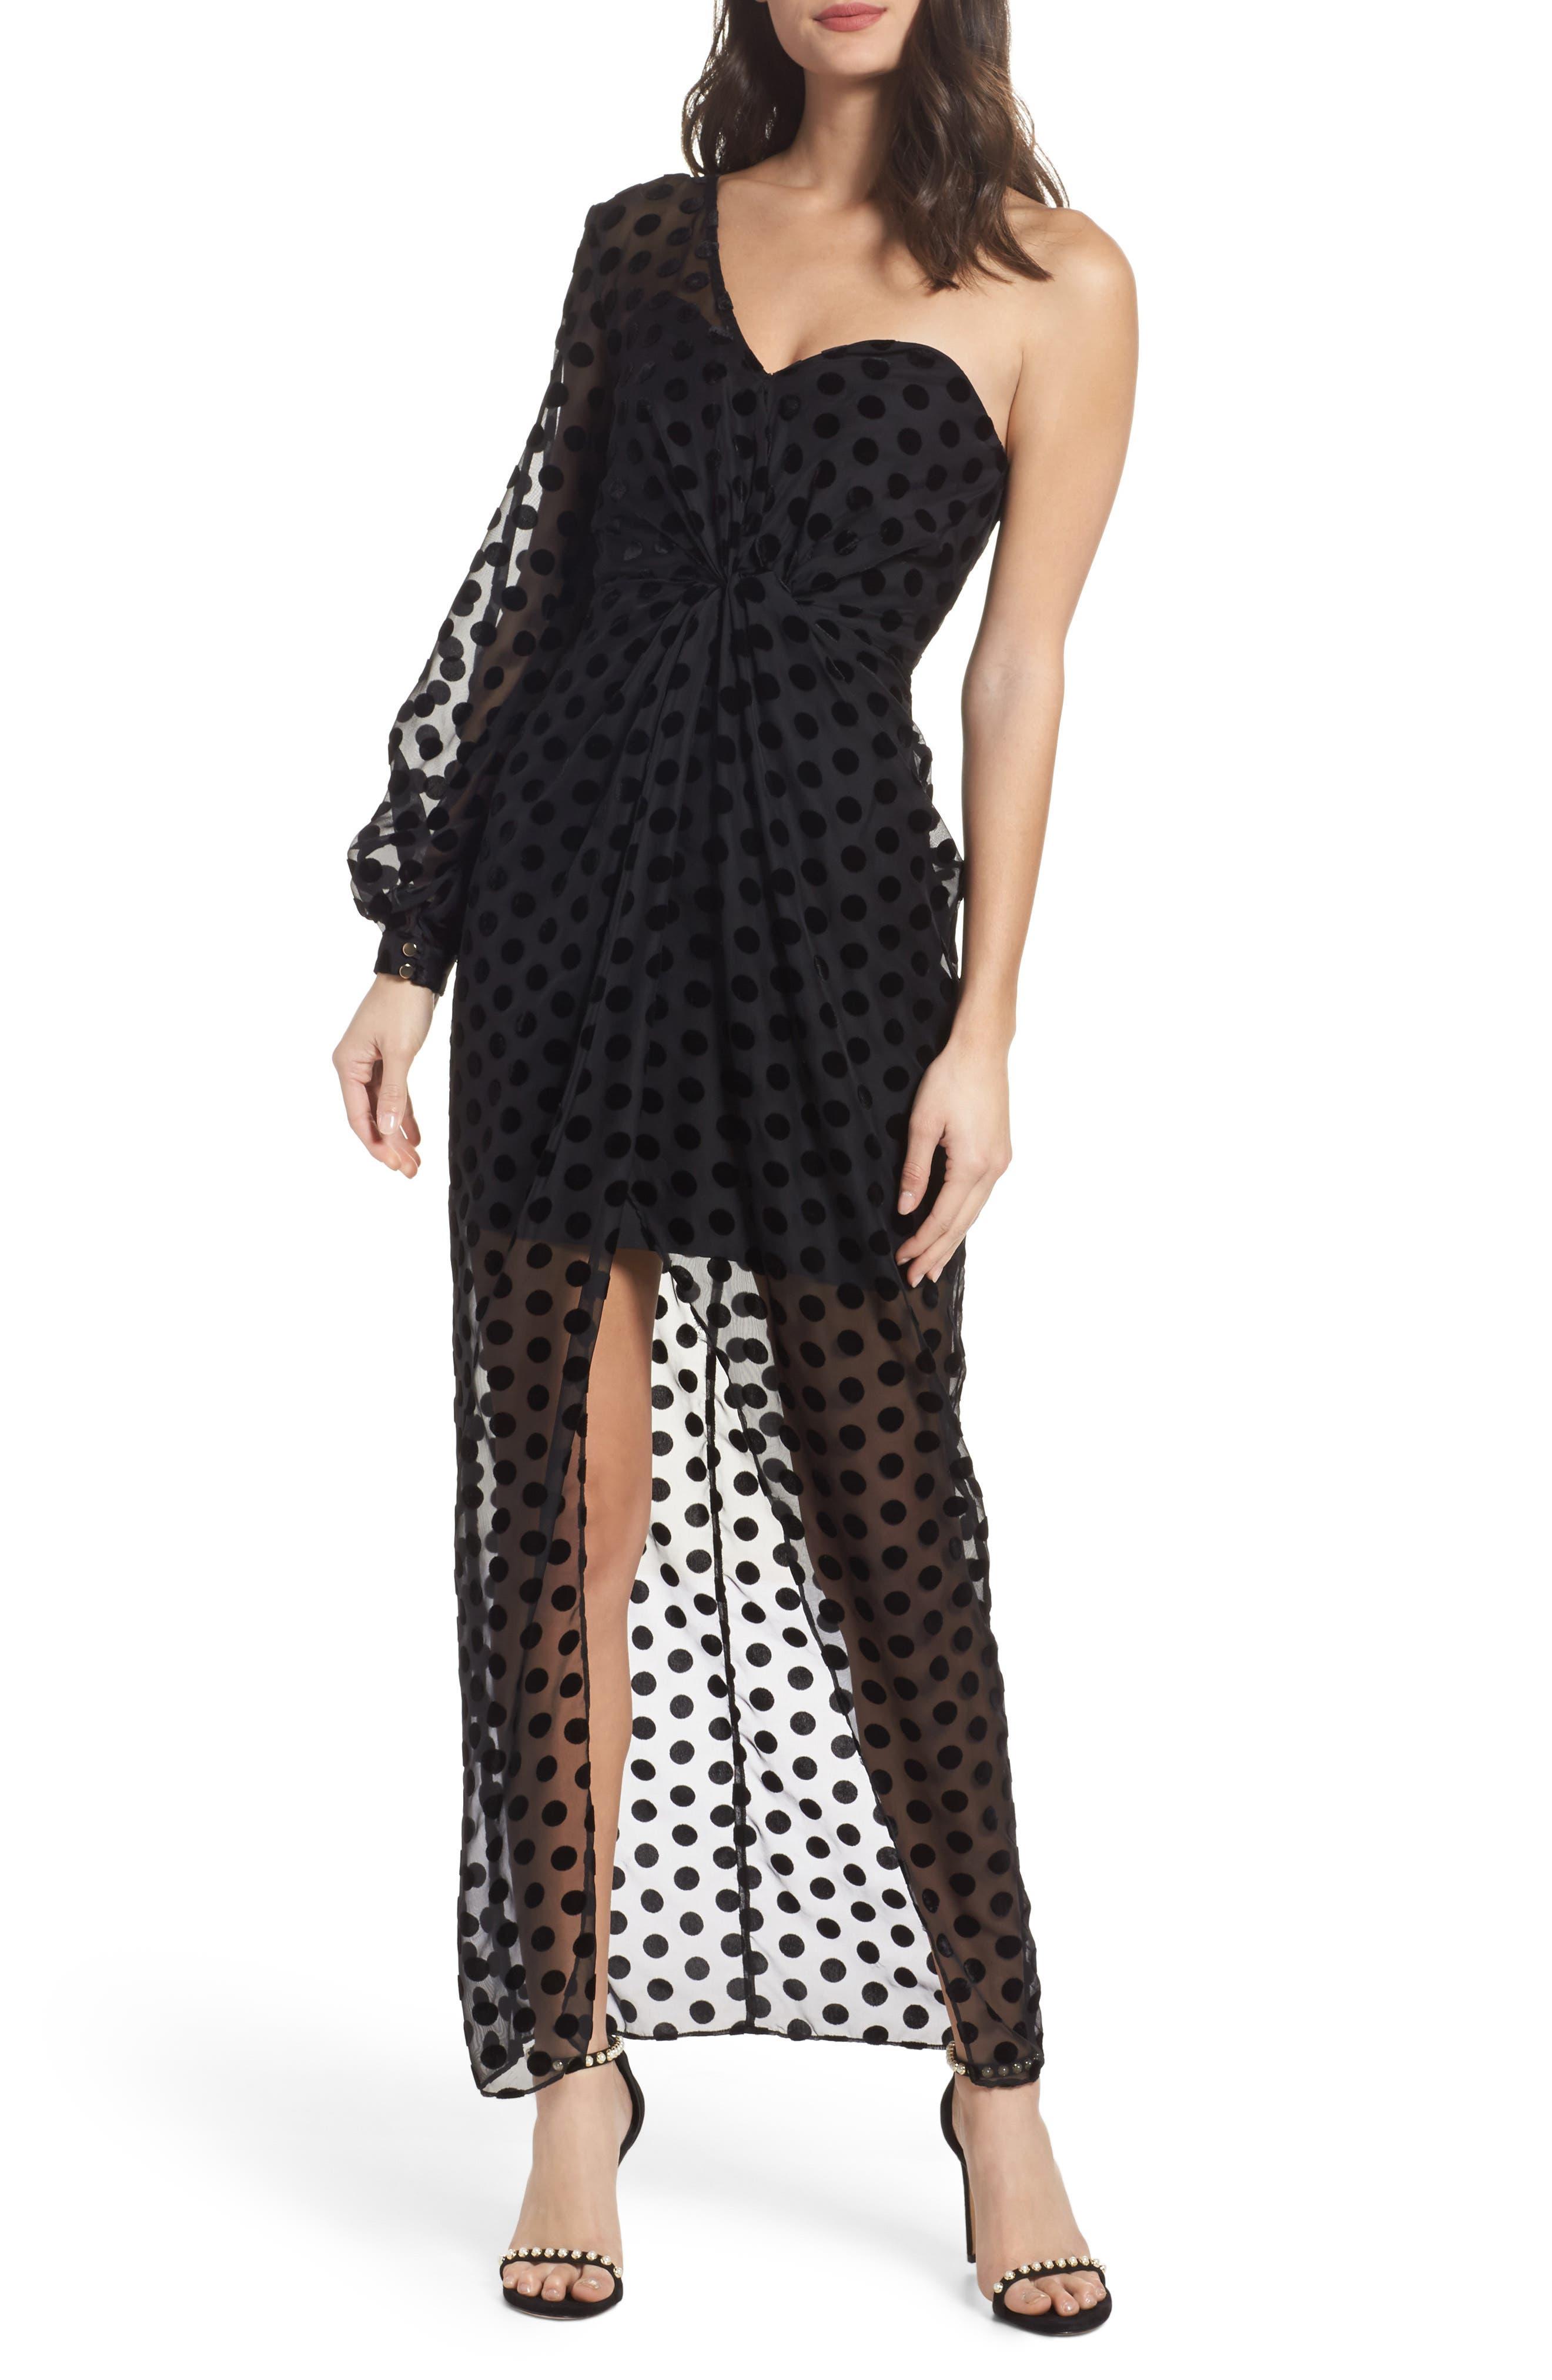 Alternate Image 1 Selected - Keepsake the Label Exhale One Shoulder Polka Dot Dress